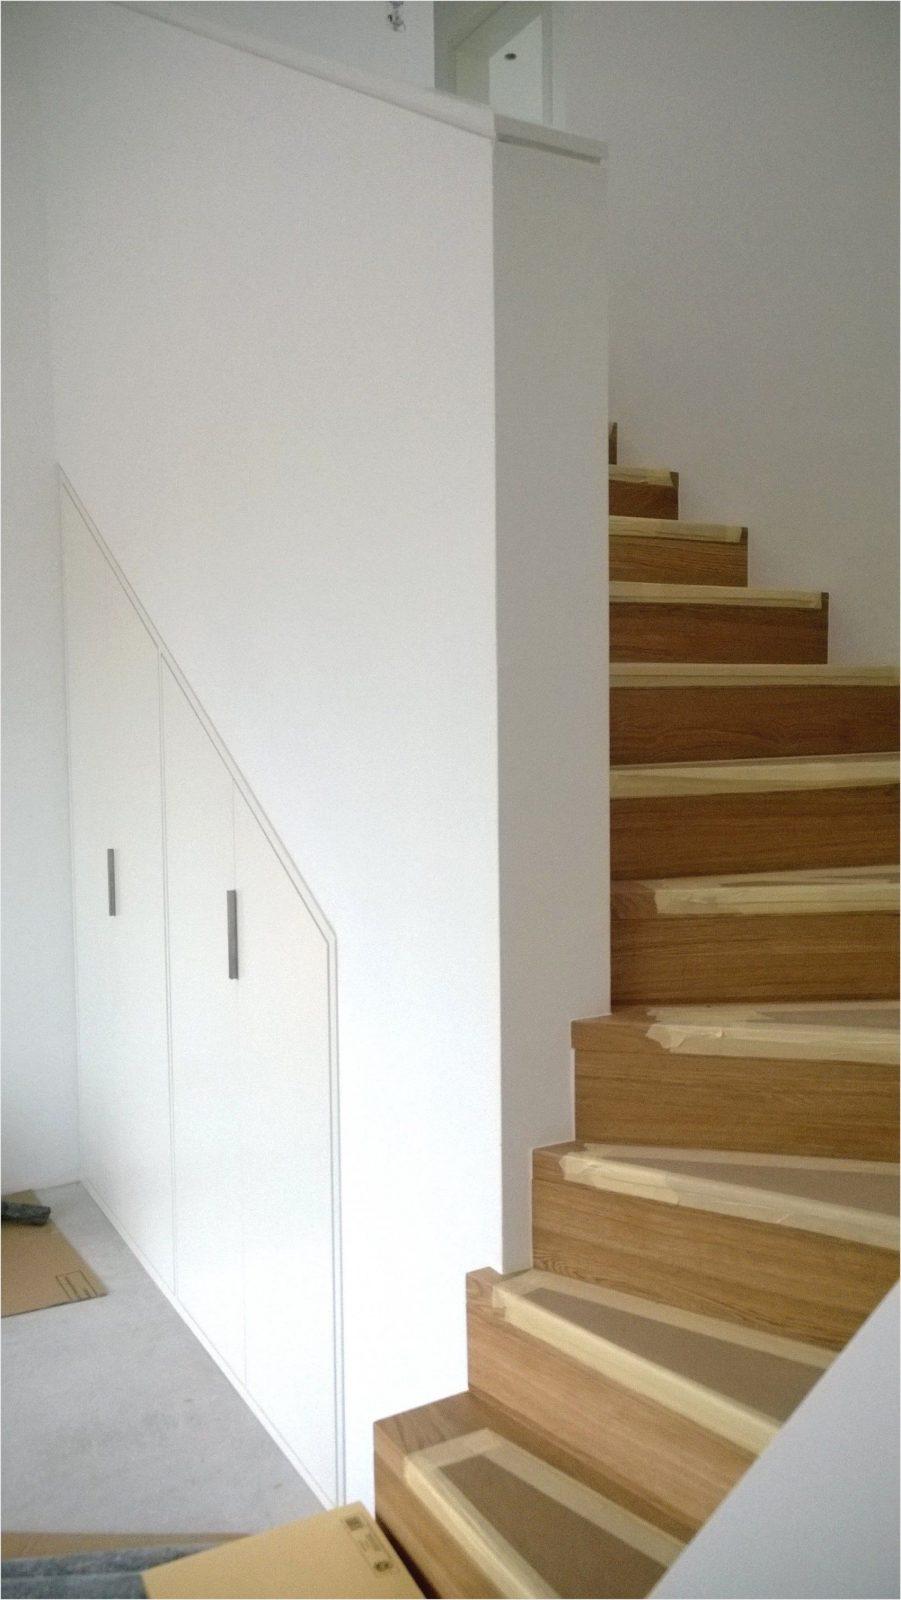 Fabelhafte Schrank Unter Treppe Kaufen Badezimmer Schrank von Schrank Unter Treppe Kaufen Bild